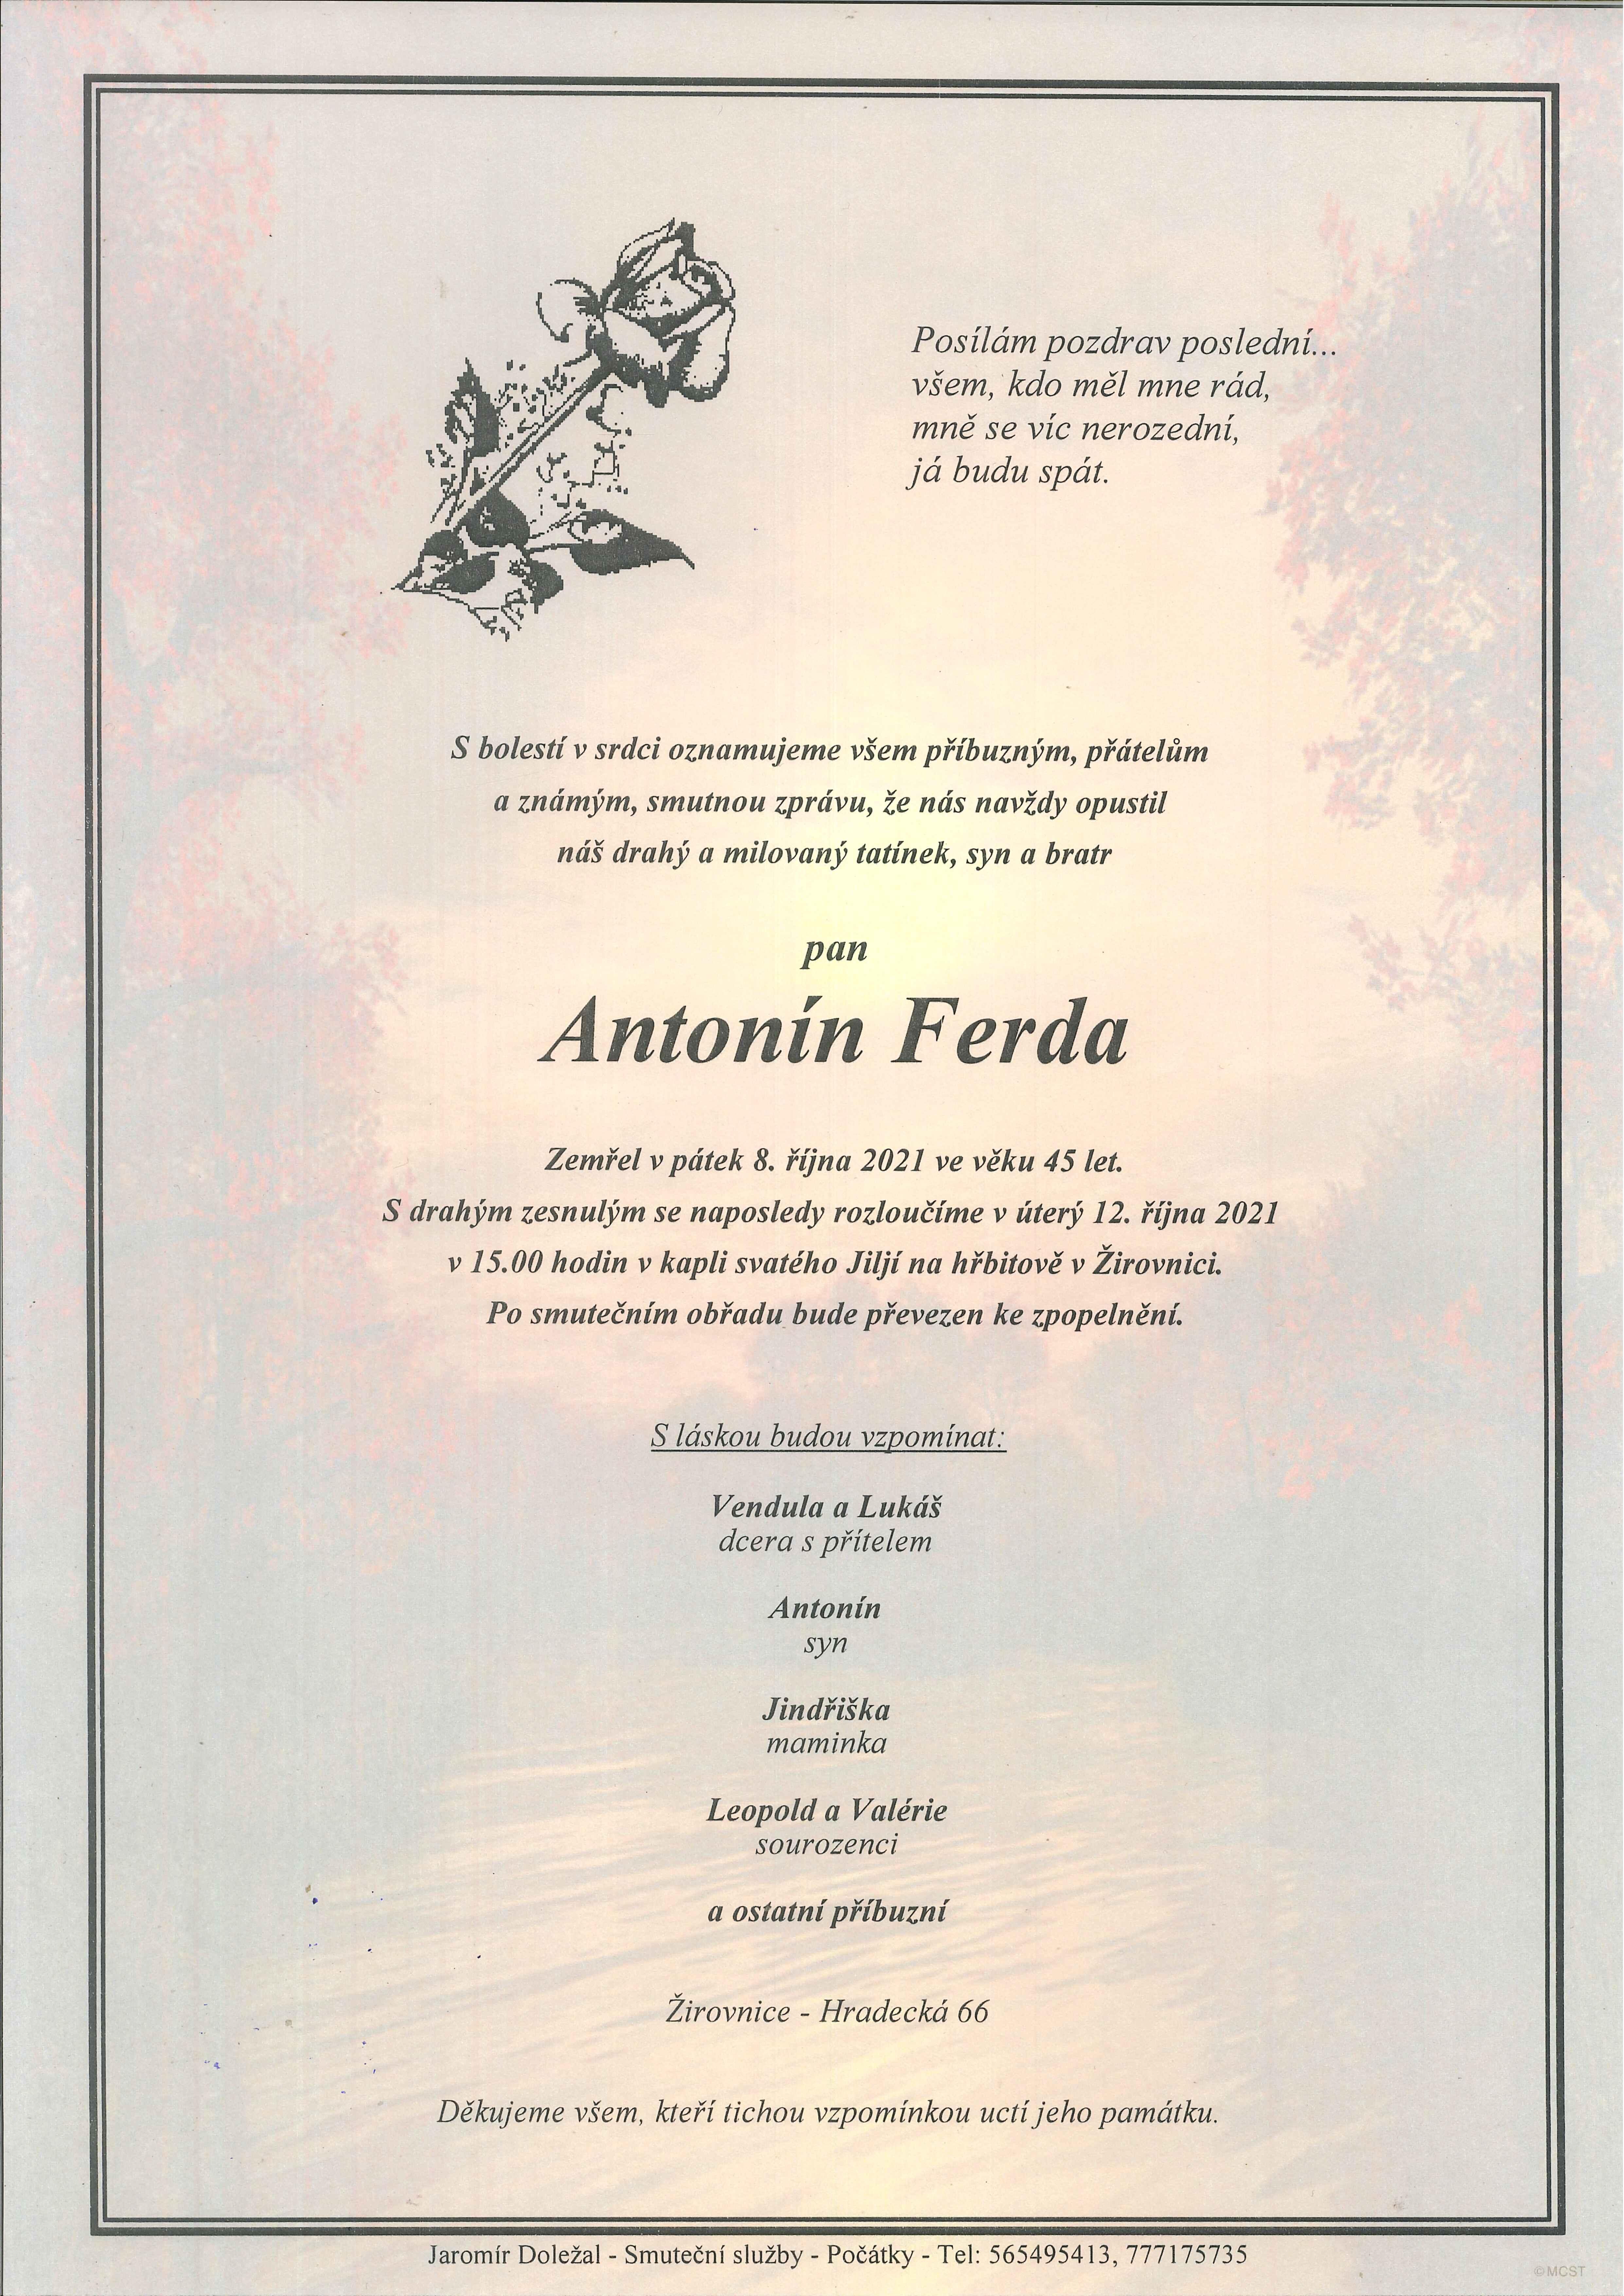 Antonín Ferda